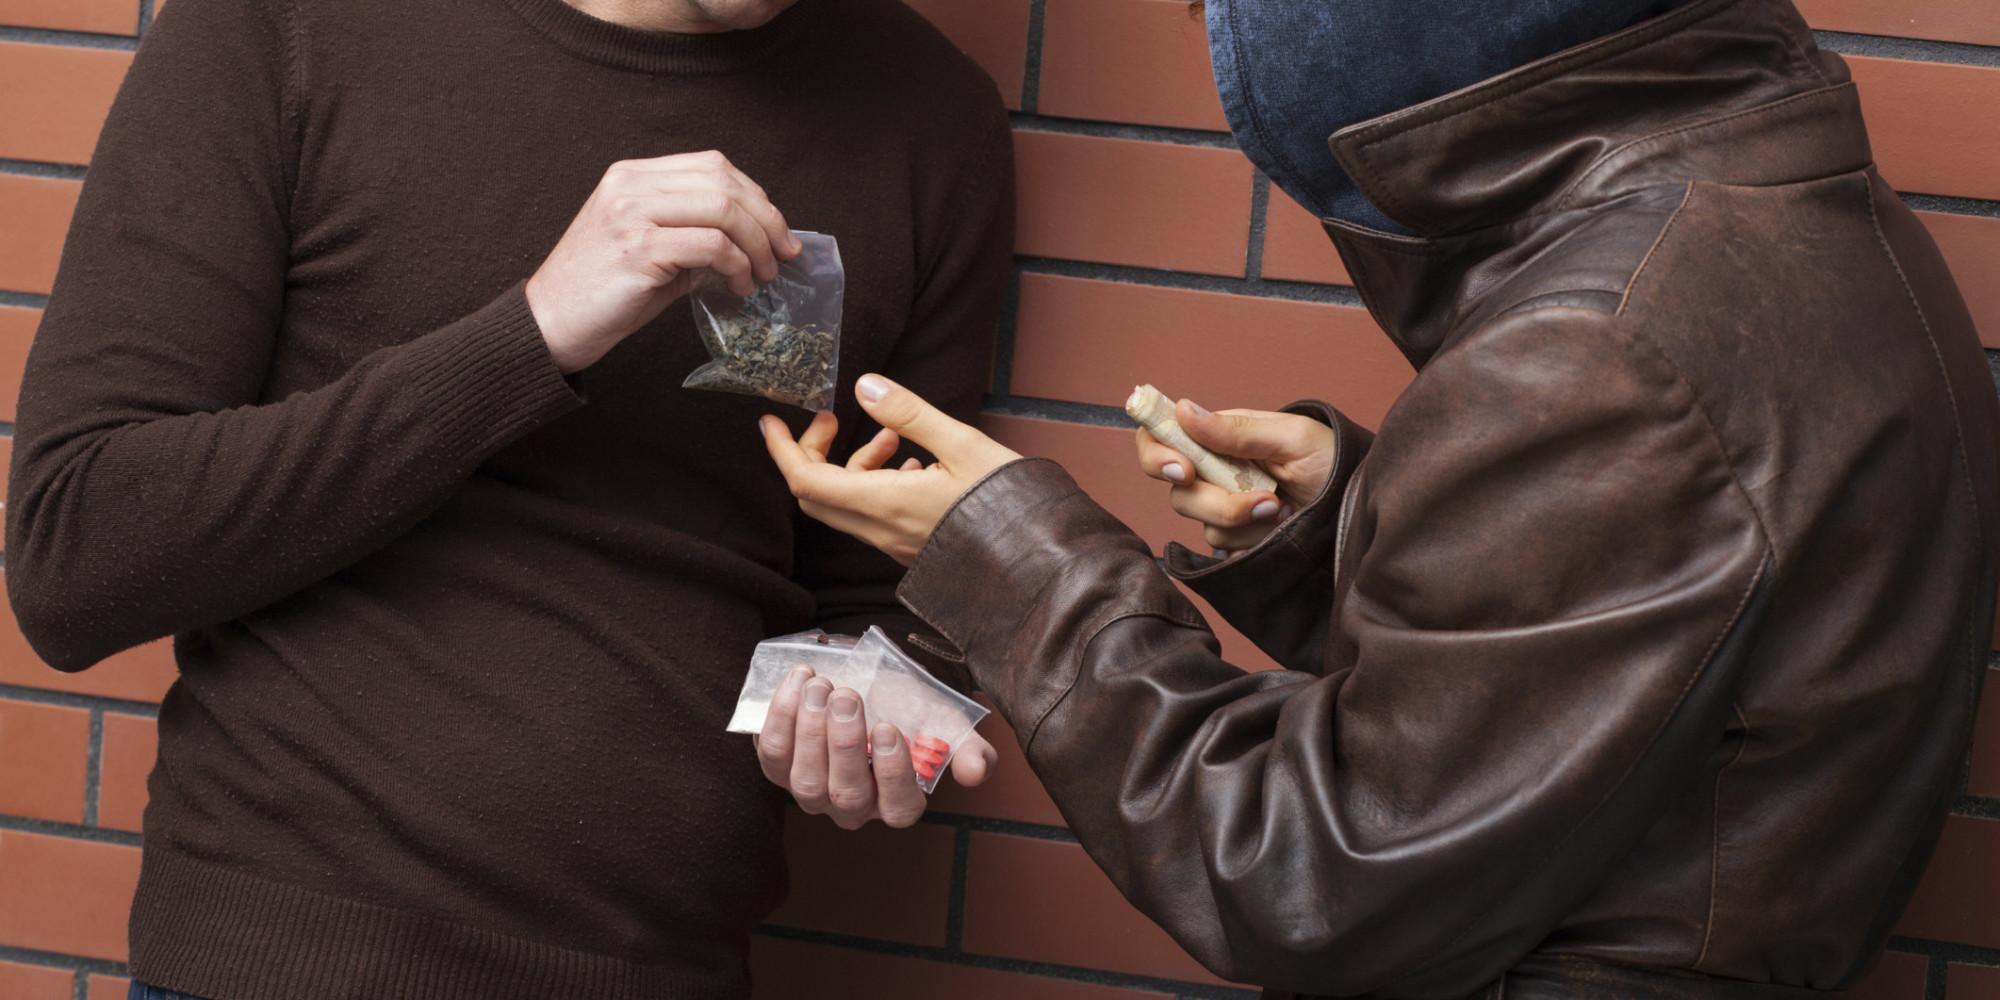 drug dealer net worth